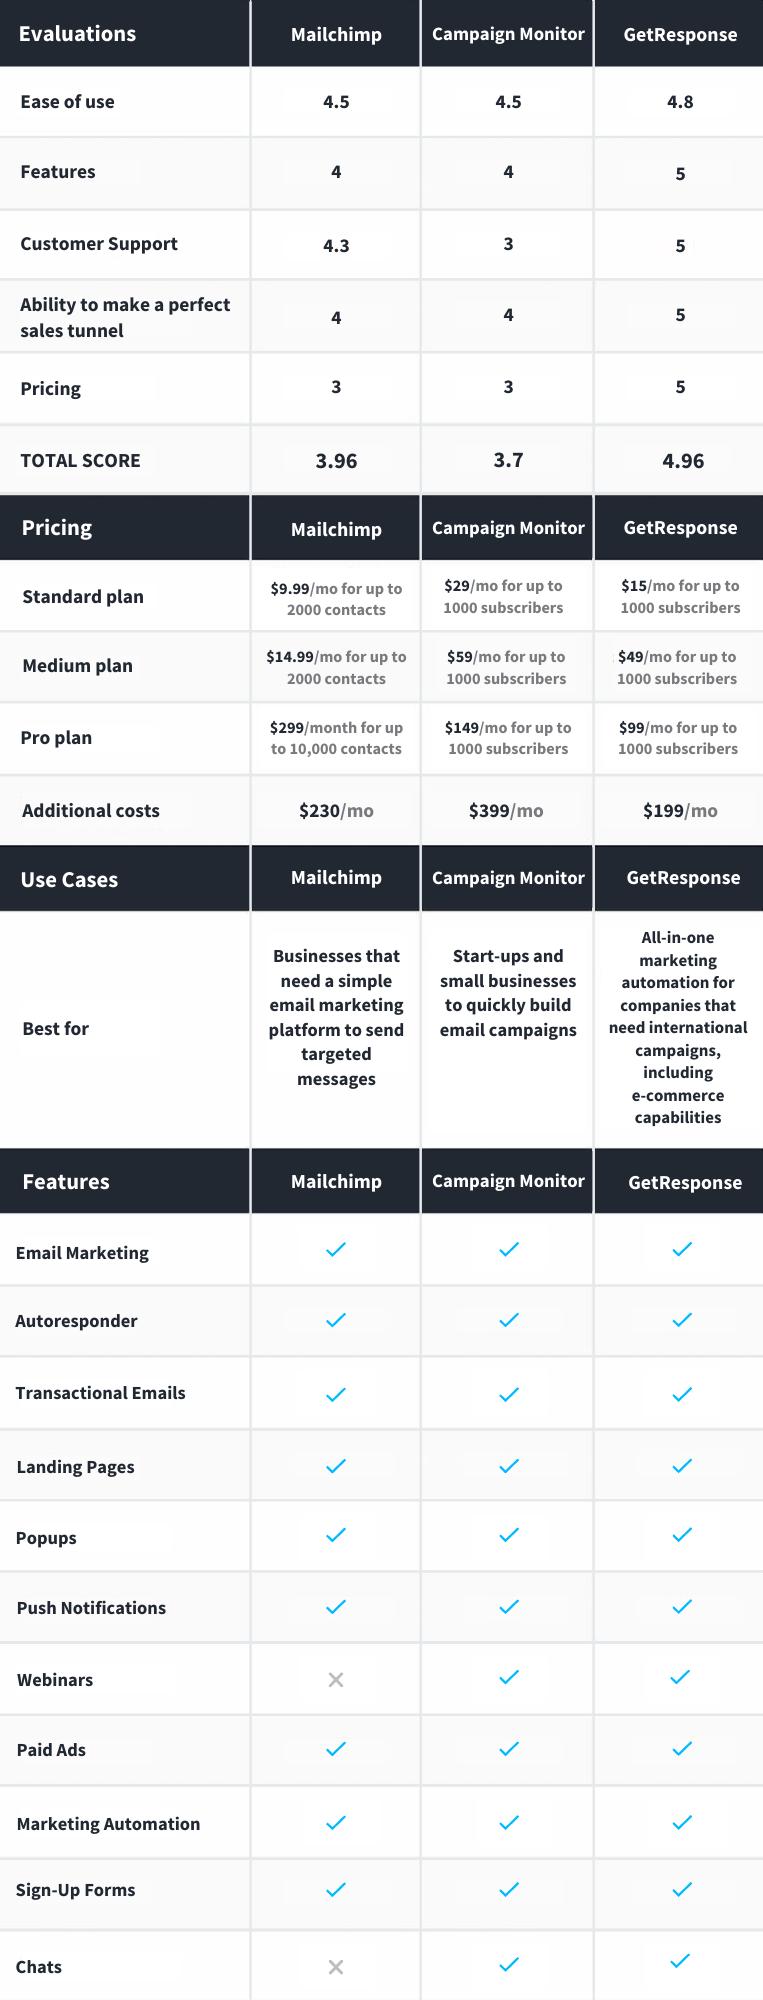 Mailchimp vs. Campaign Monitor comparison table.